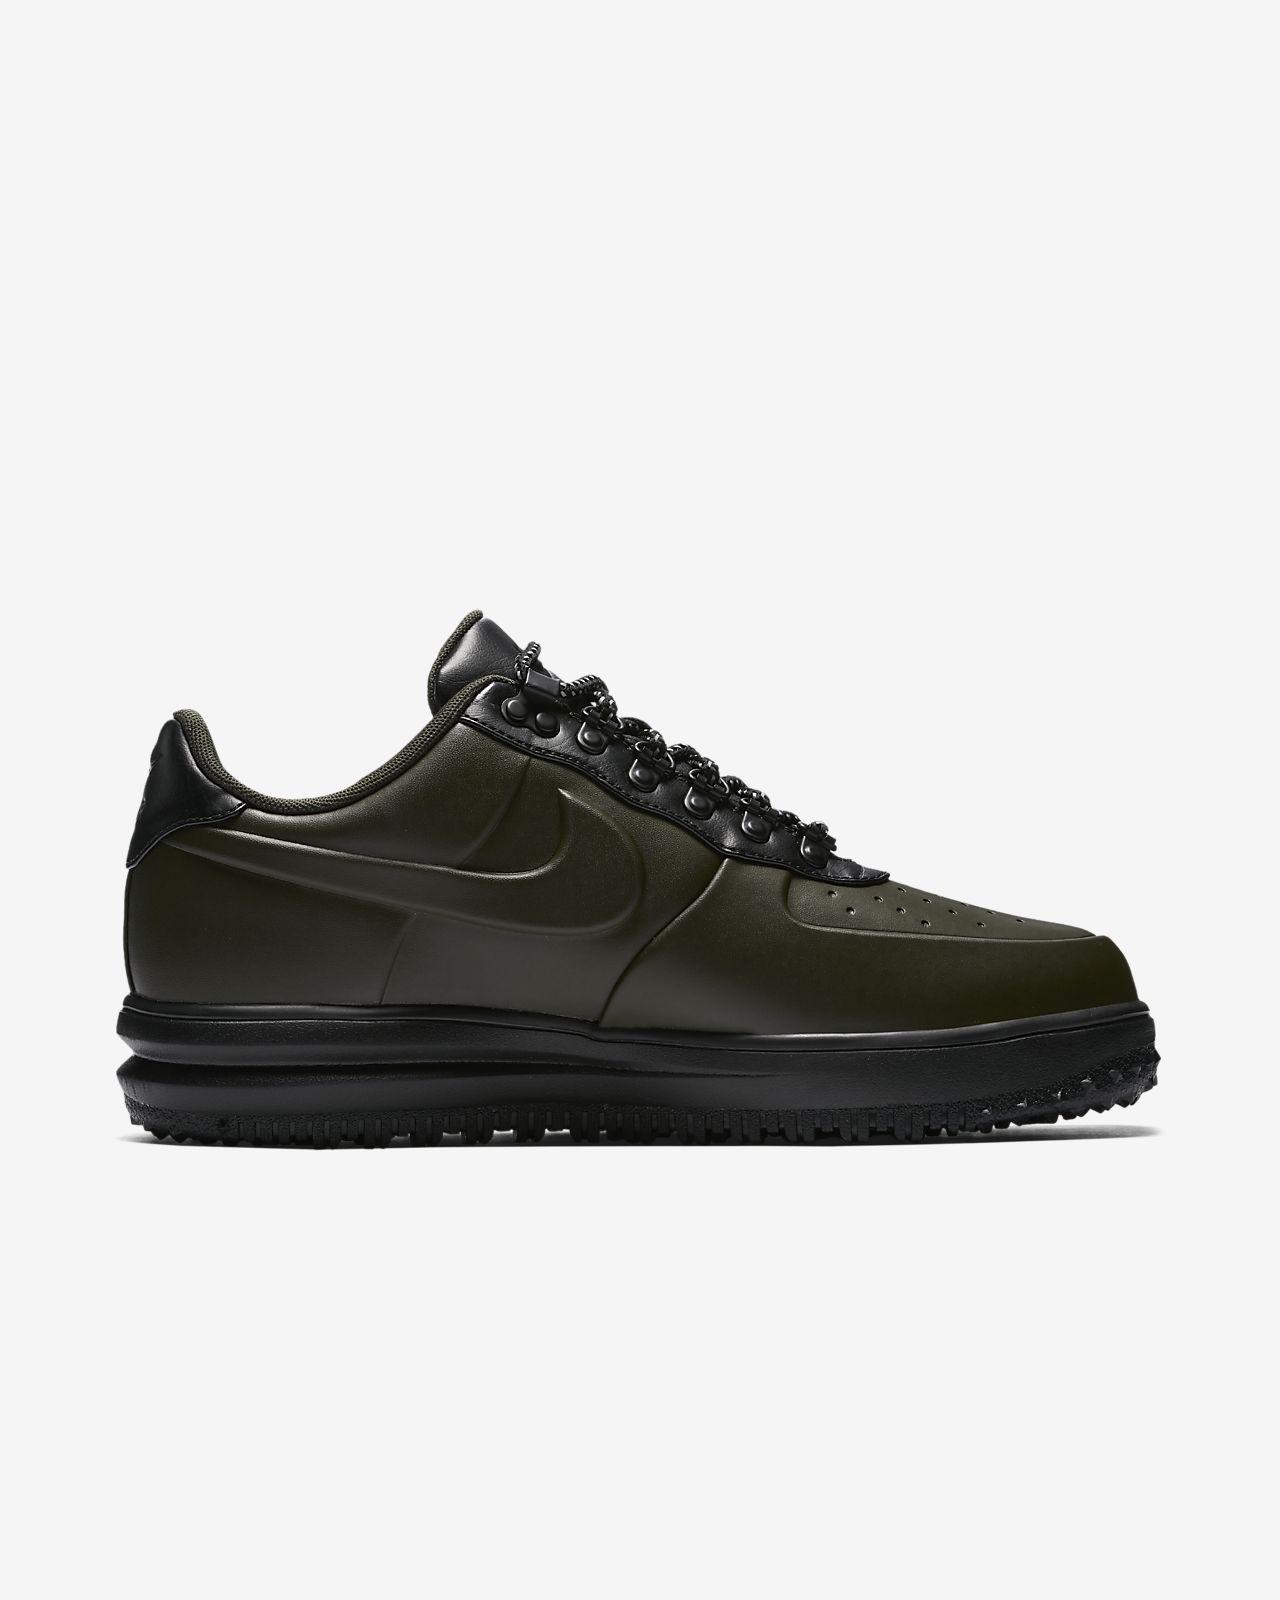 Nike Blazers Düşük Erkekler Popüler Ayakkabı Saddlebrown Orijinal